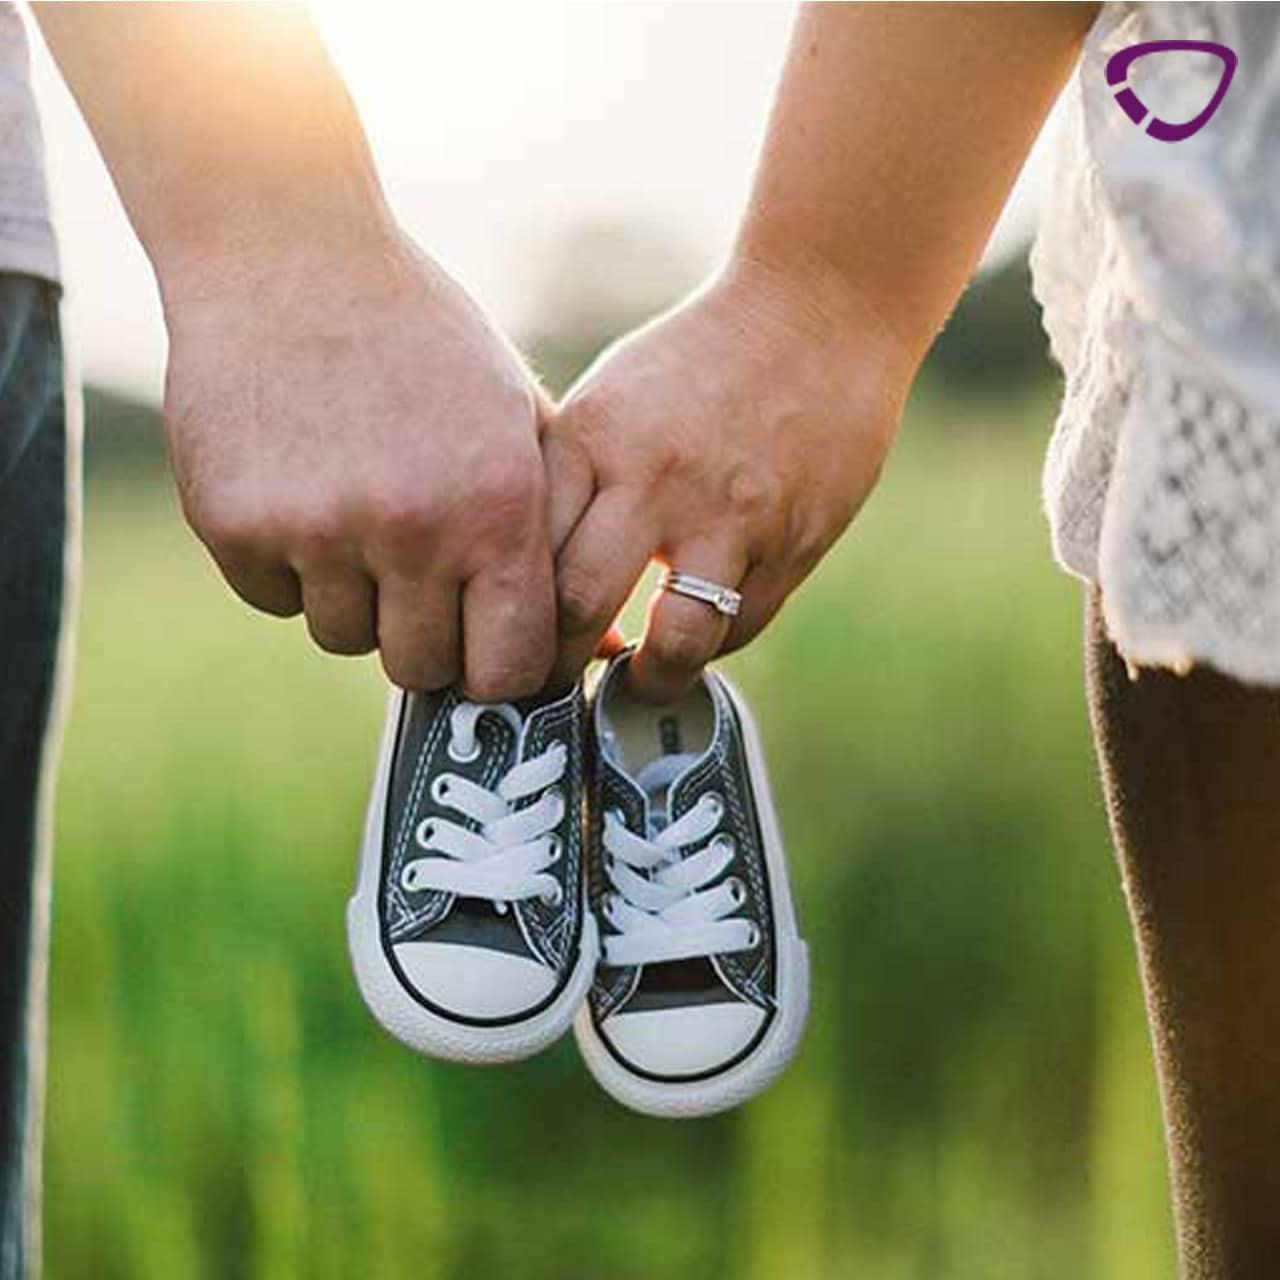 Ein Paar fragt sich, wann man schwanger werden kann.